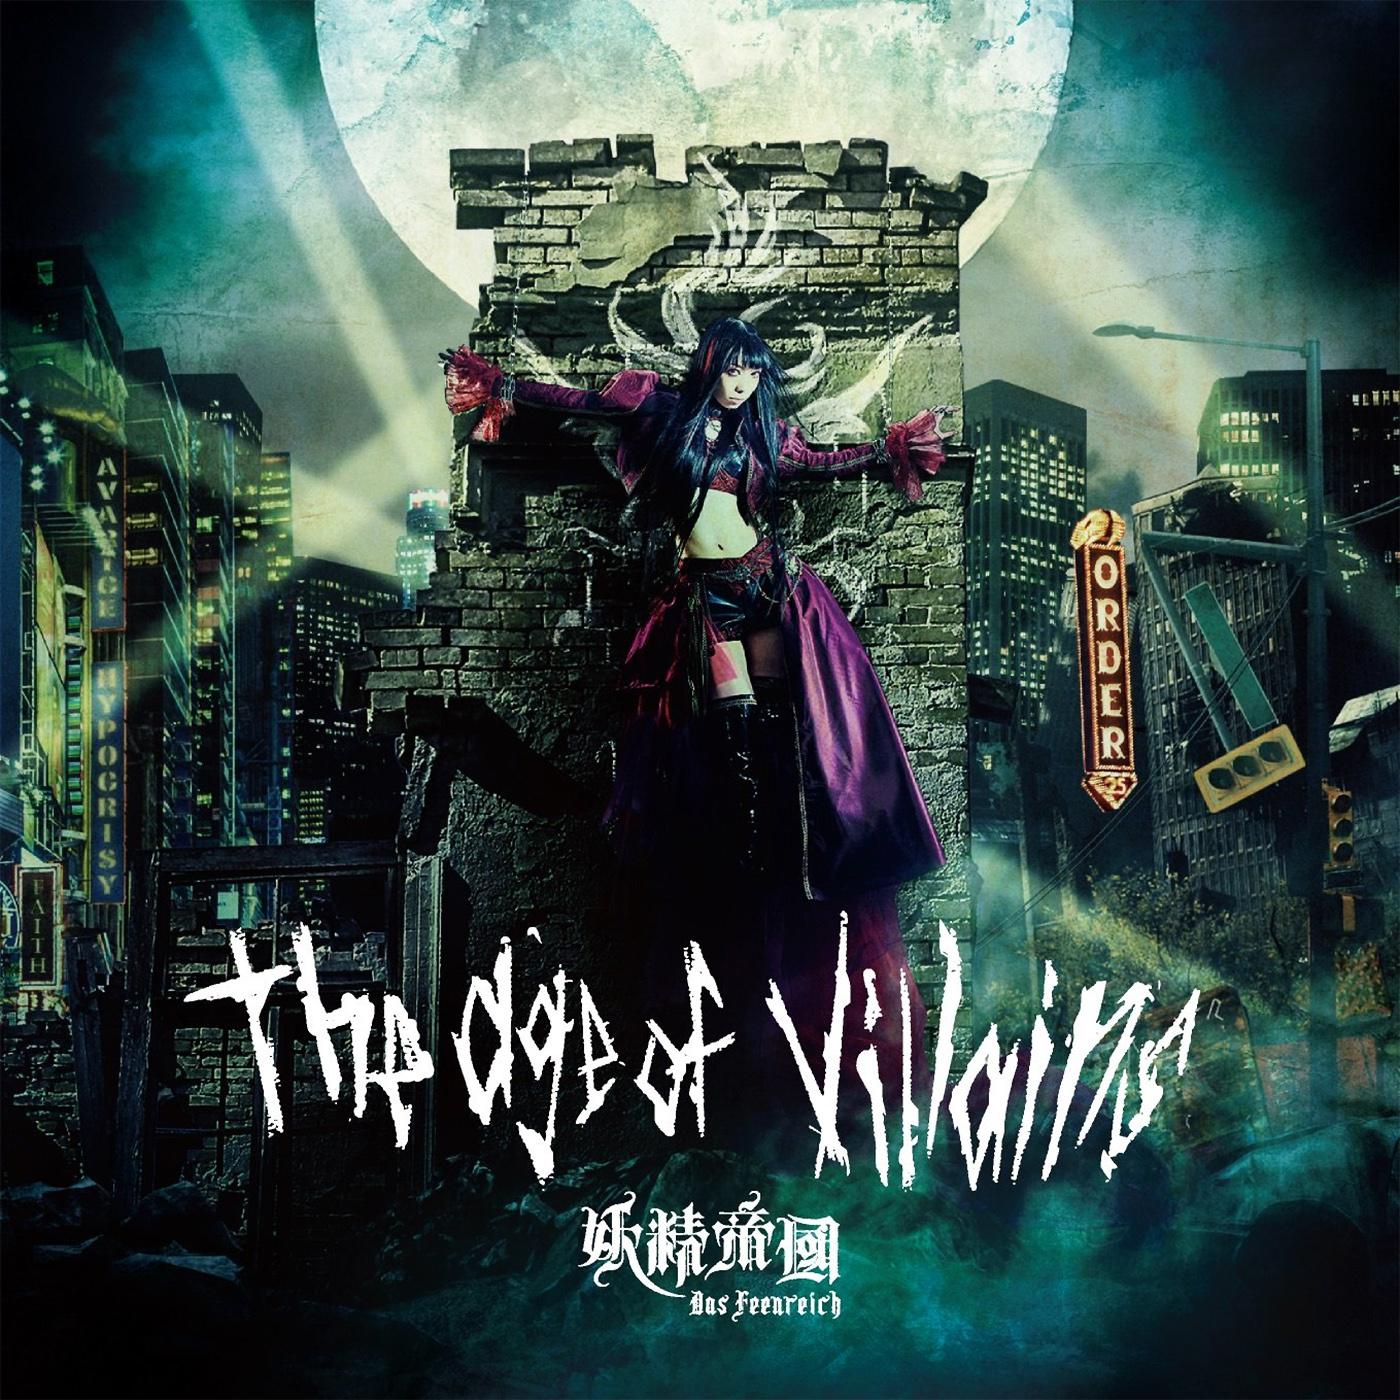 Yousei Teikoku - The Age of Villains